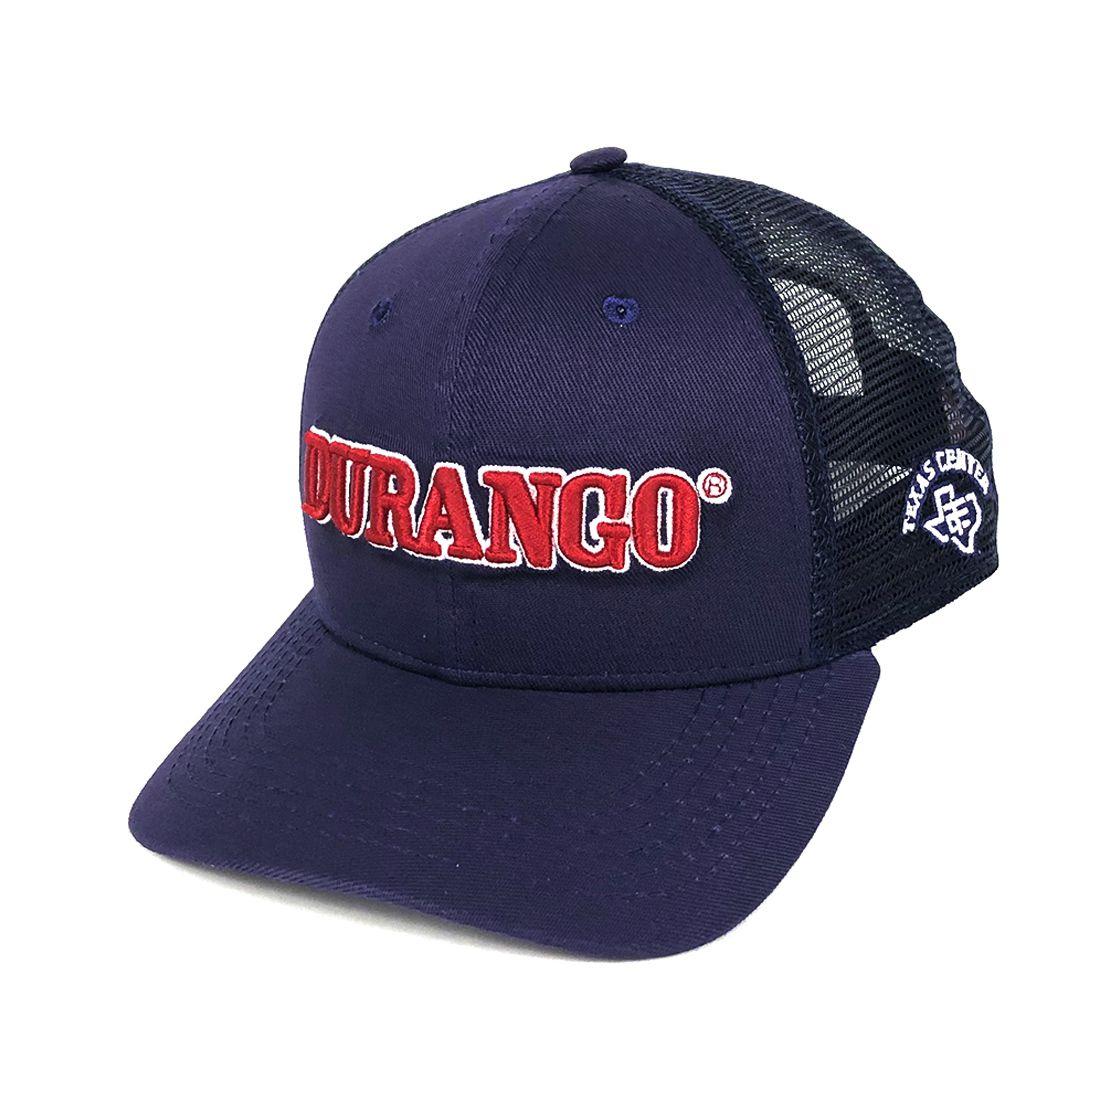 Boné Durango série Limitada